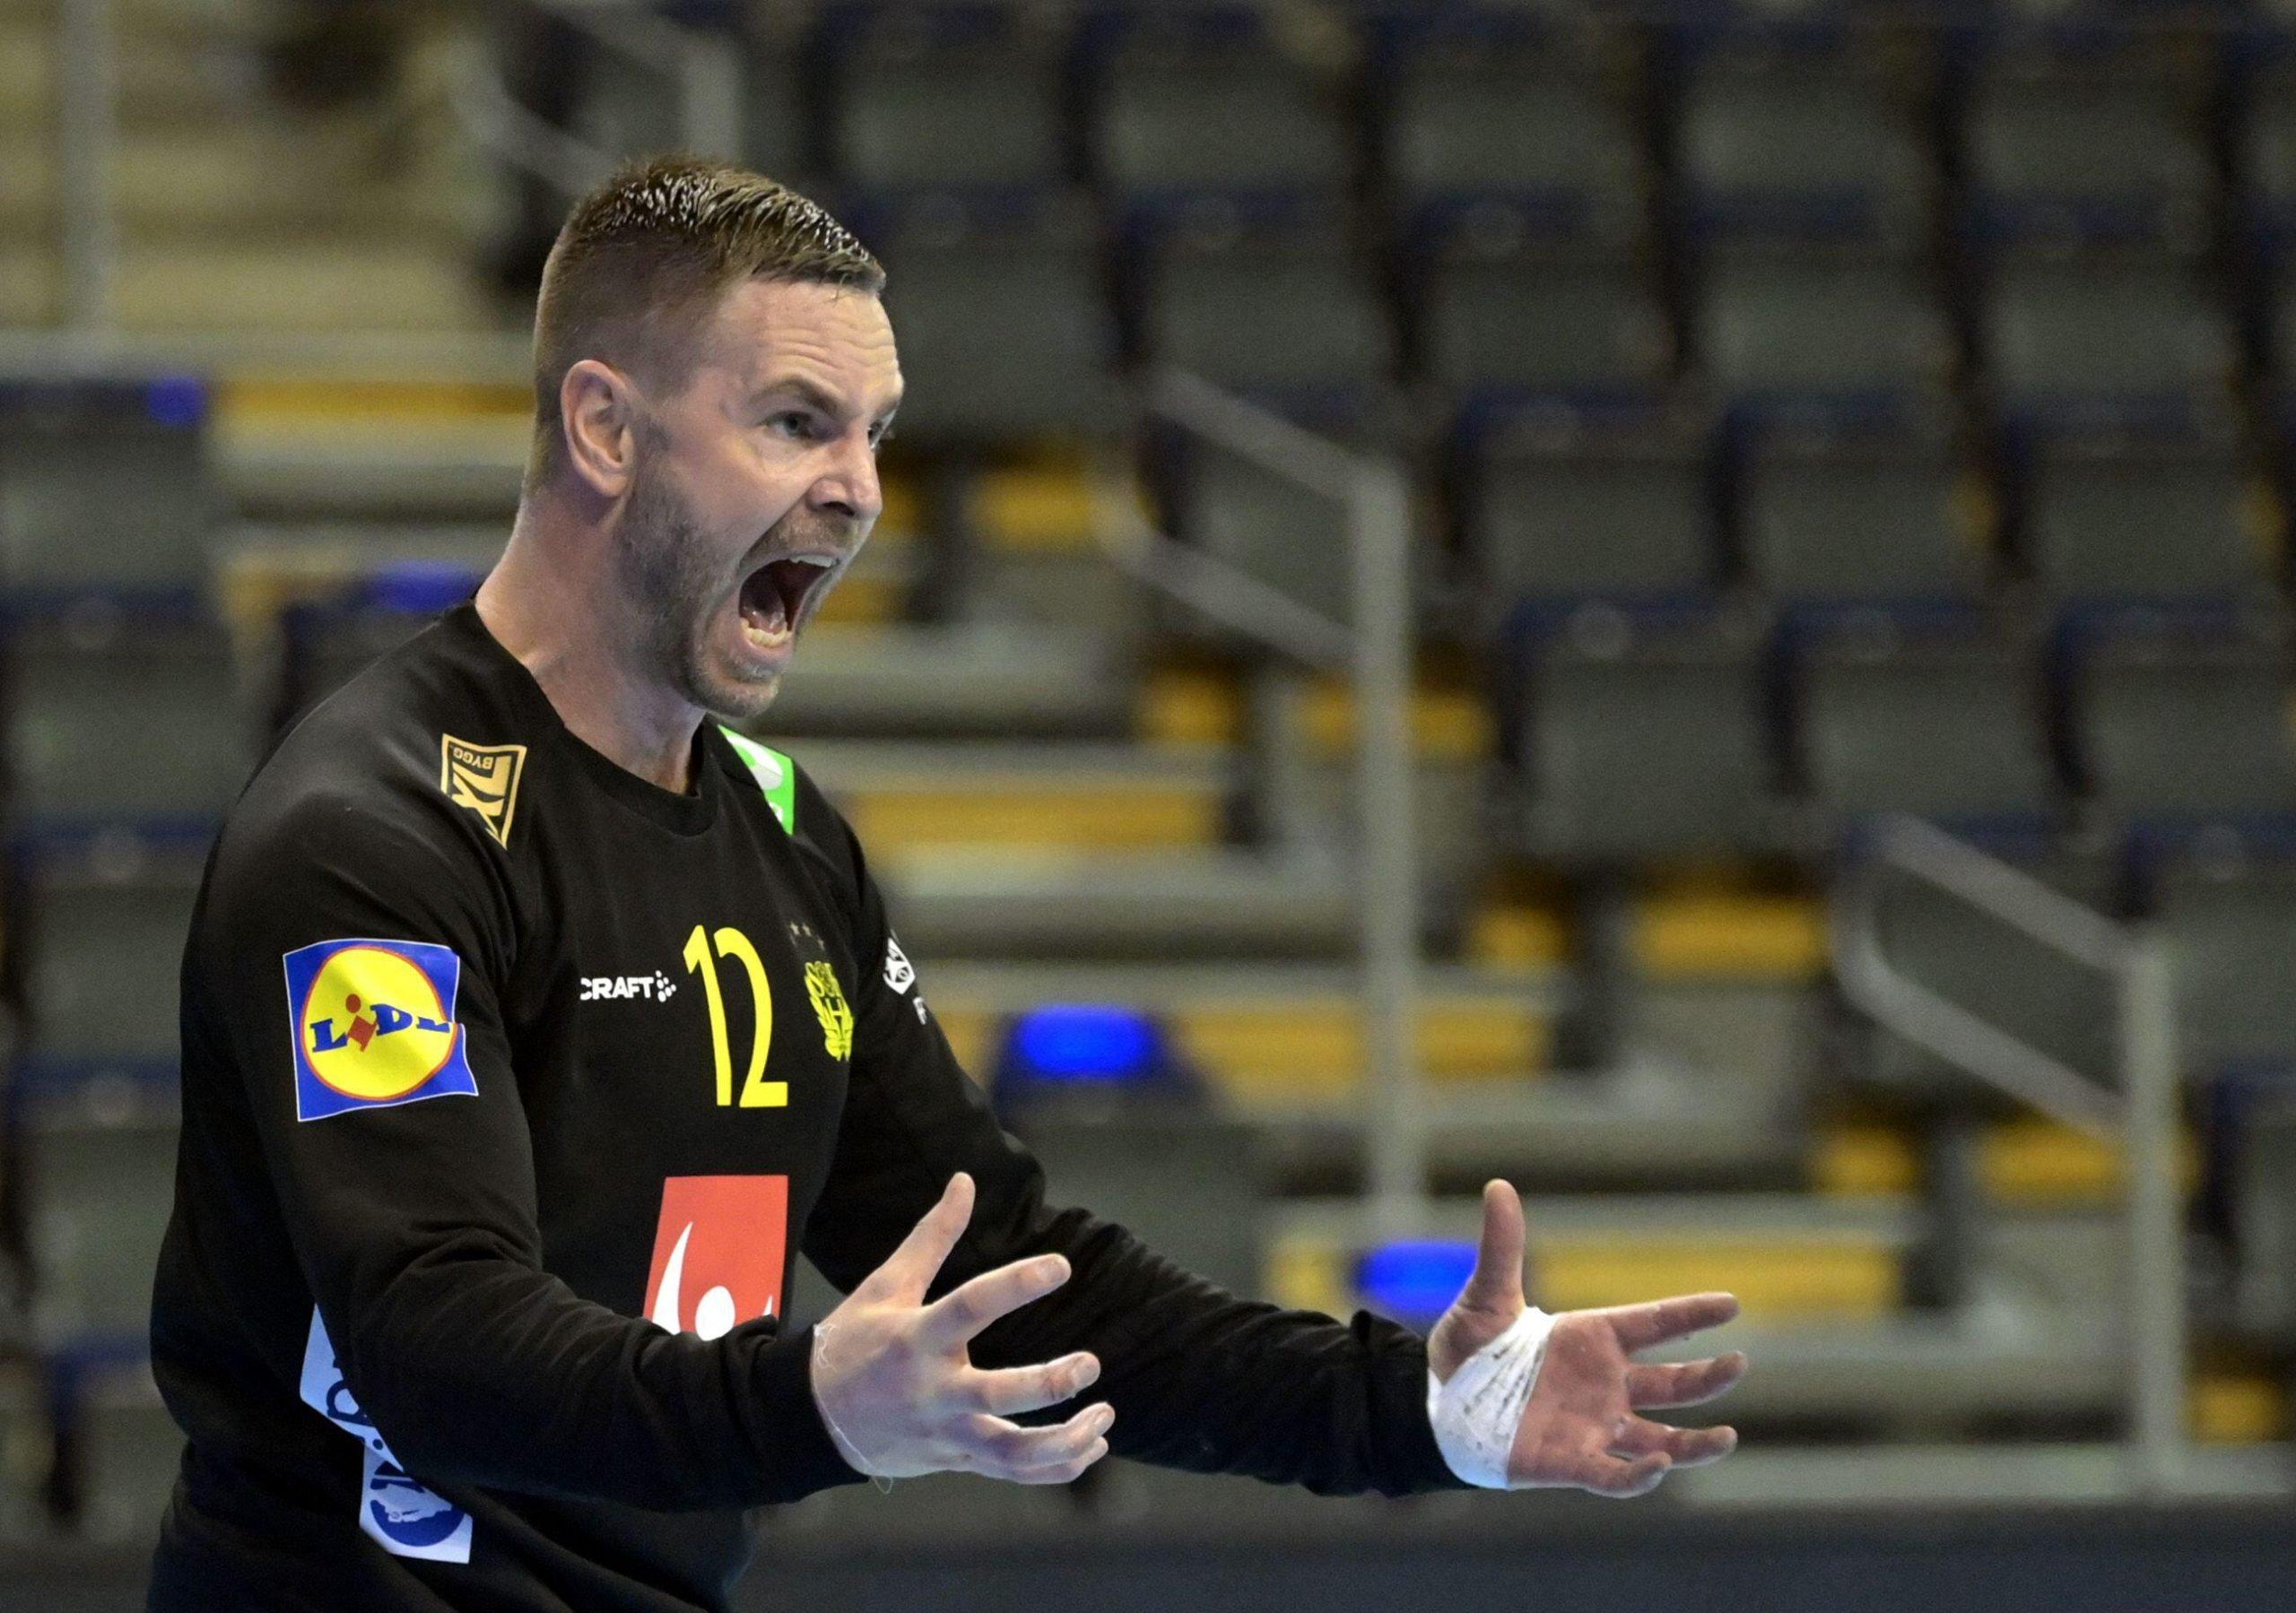 Sveriges landslag i handboll ska till OS – Etta i gruppen